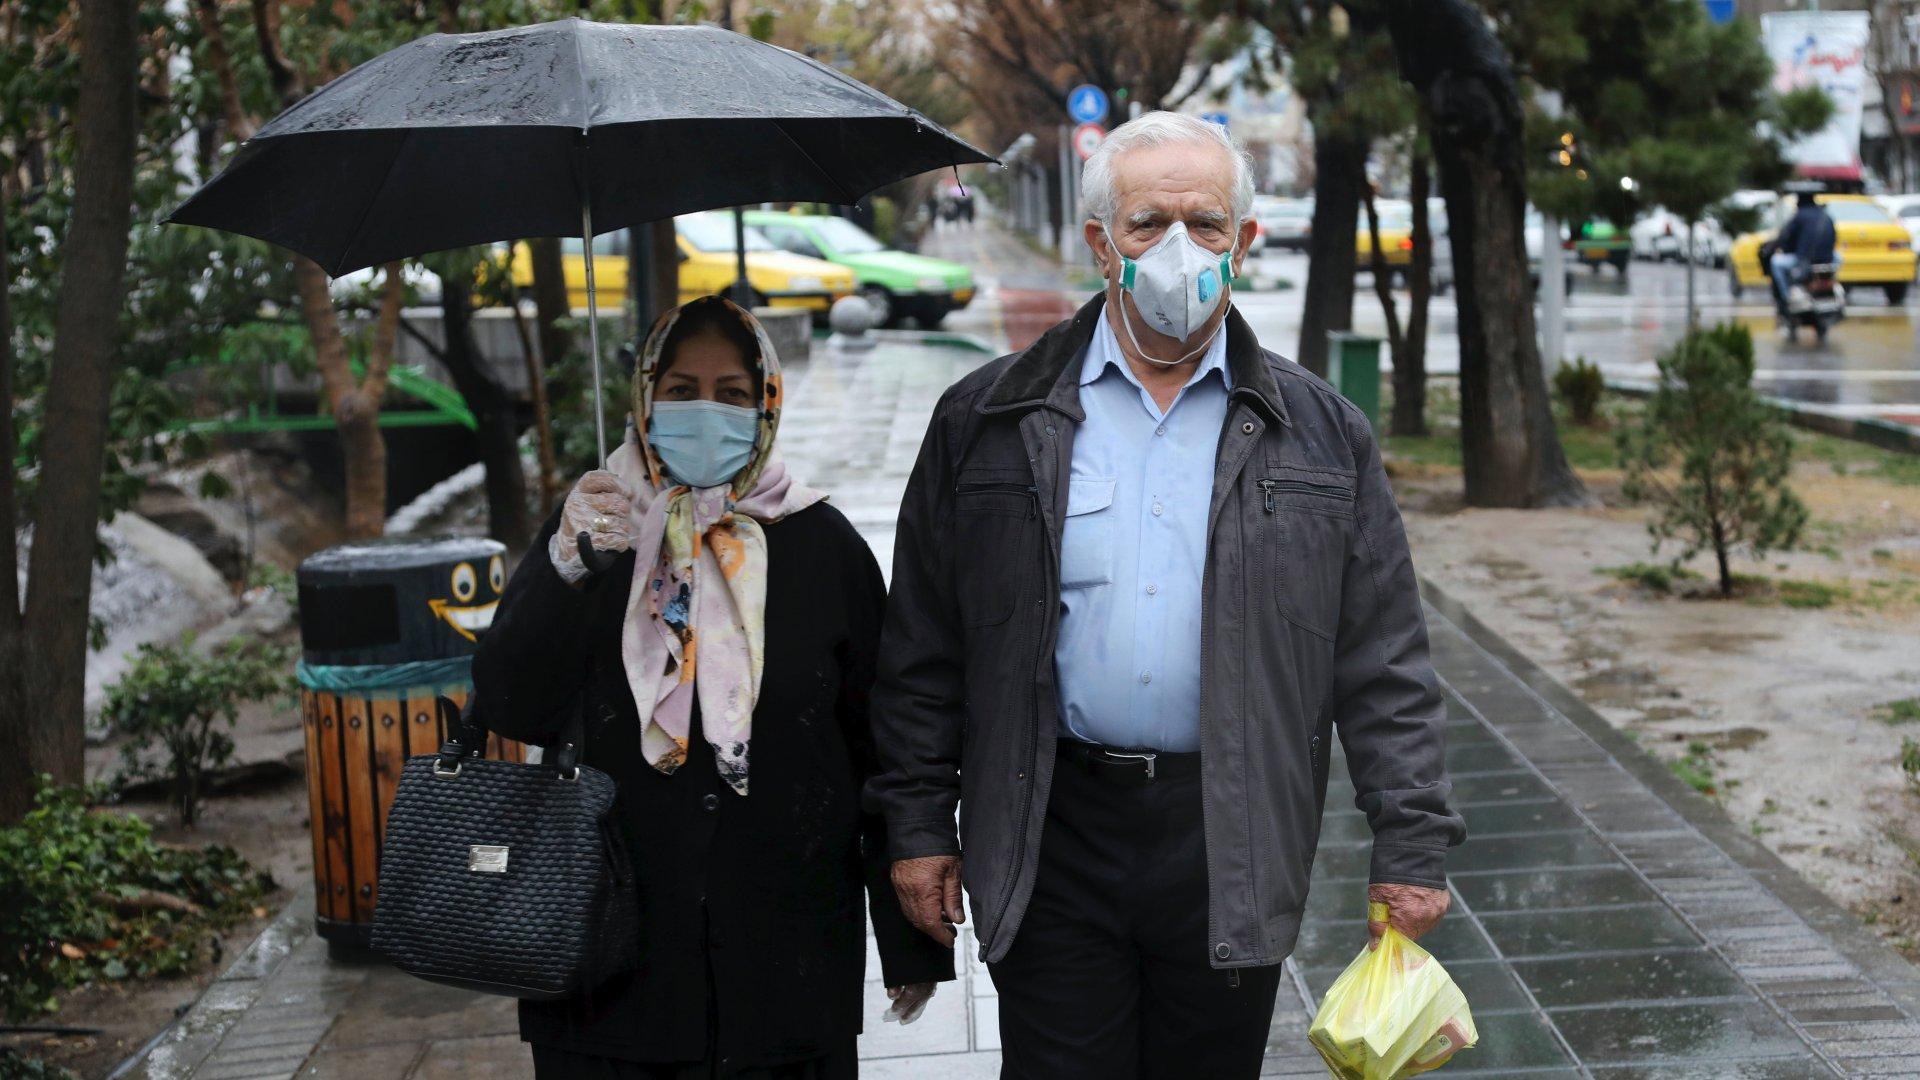 Védőmaszkot viselő gyalogosok Teherán belvárosában 2020. február 25-én (Fotó: MTI/AP/Ebrahim Noruzi)